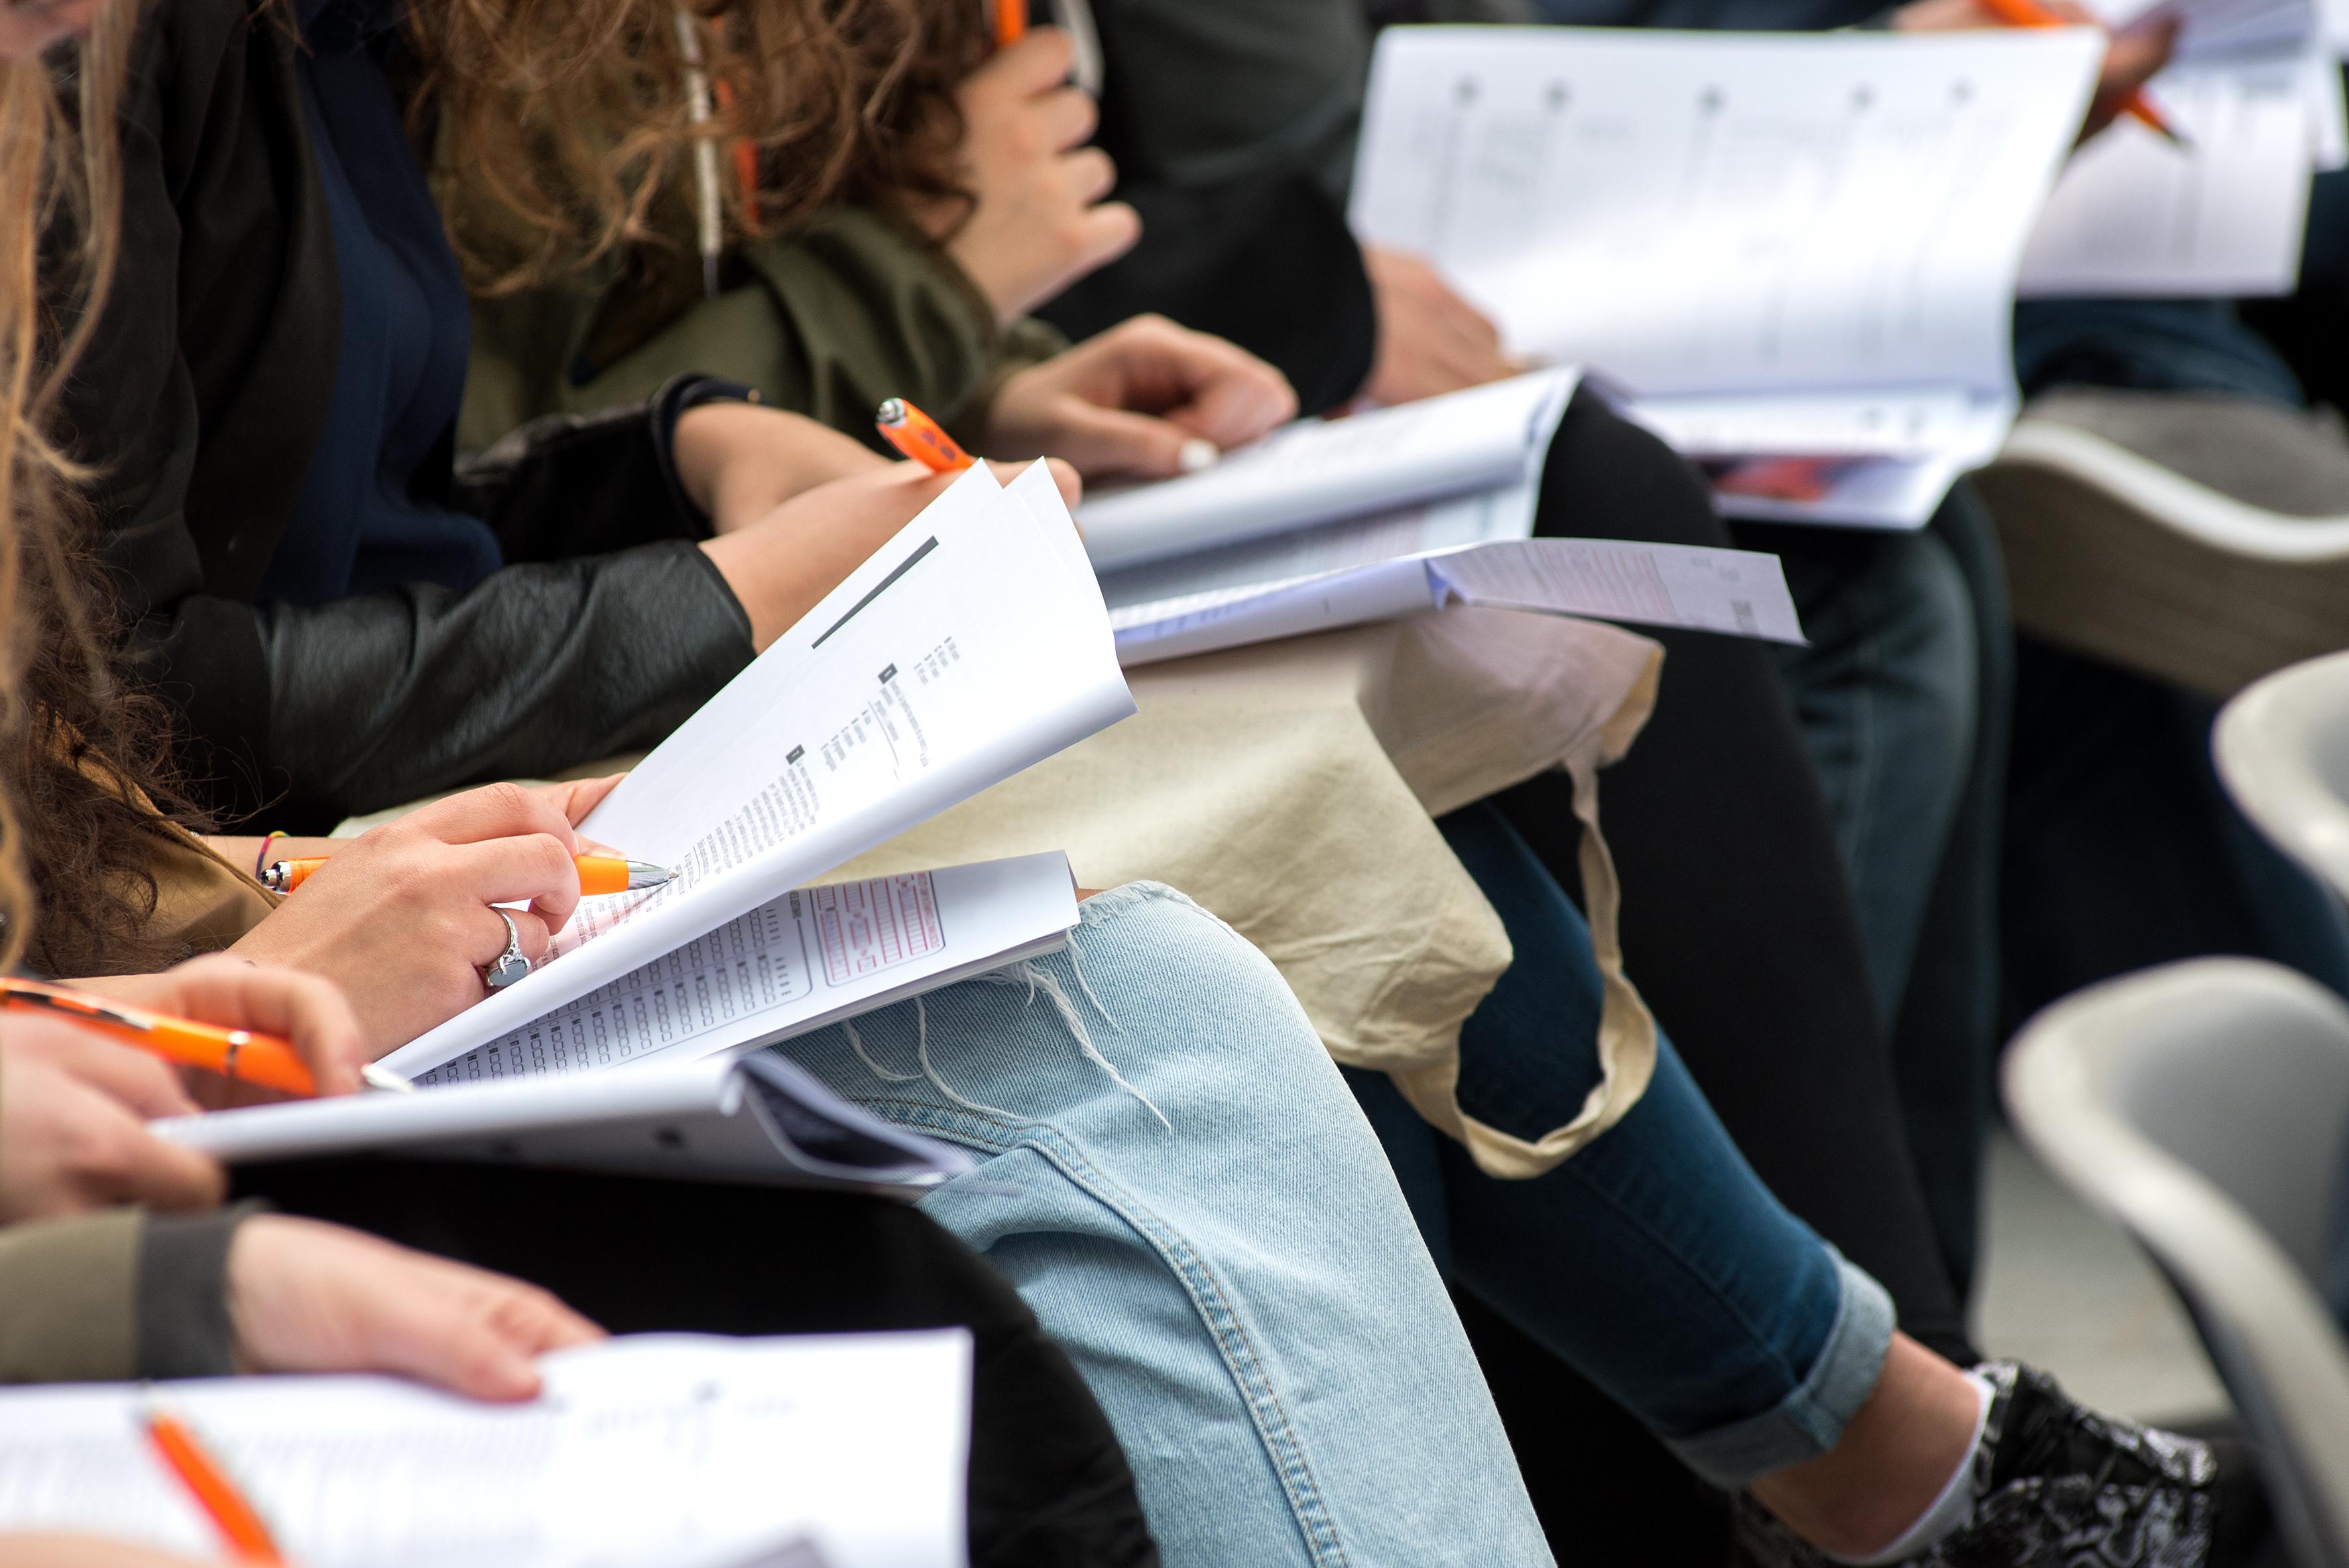 Paper-Pencil-Befragung Reihe Menschen mit Stift und Zettel